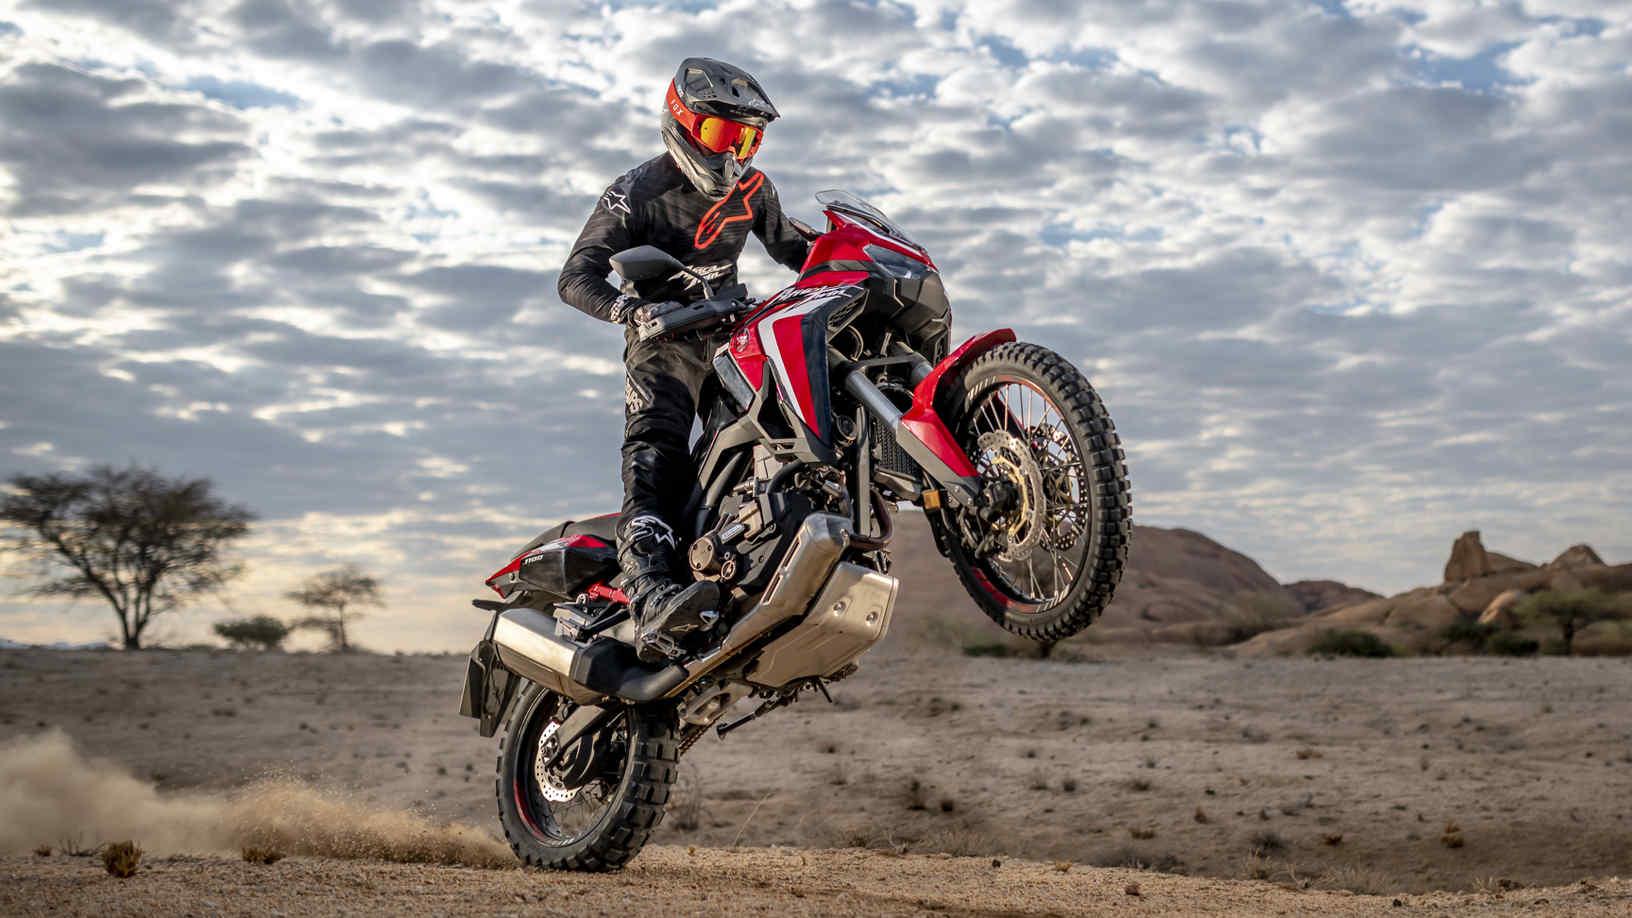 Honda Africa Twin, přední pravý poloprofil, jízda na zadním kole pouštní krajinou